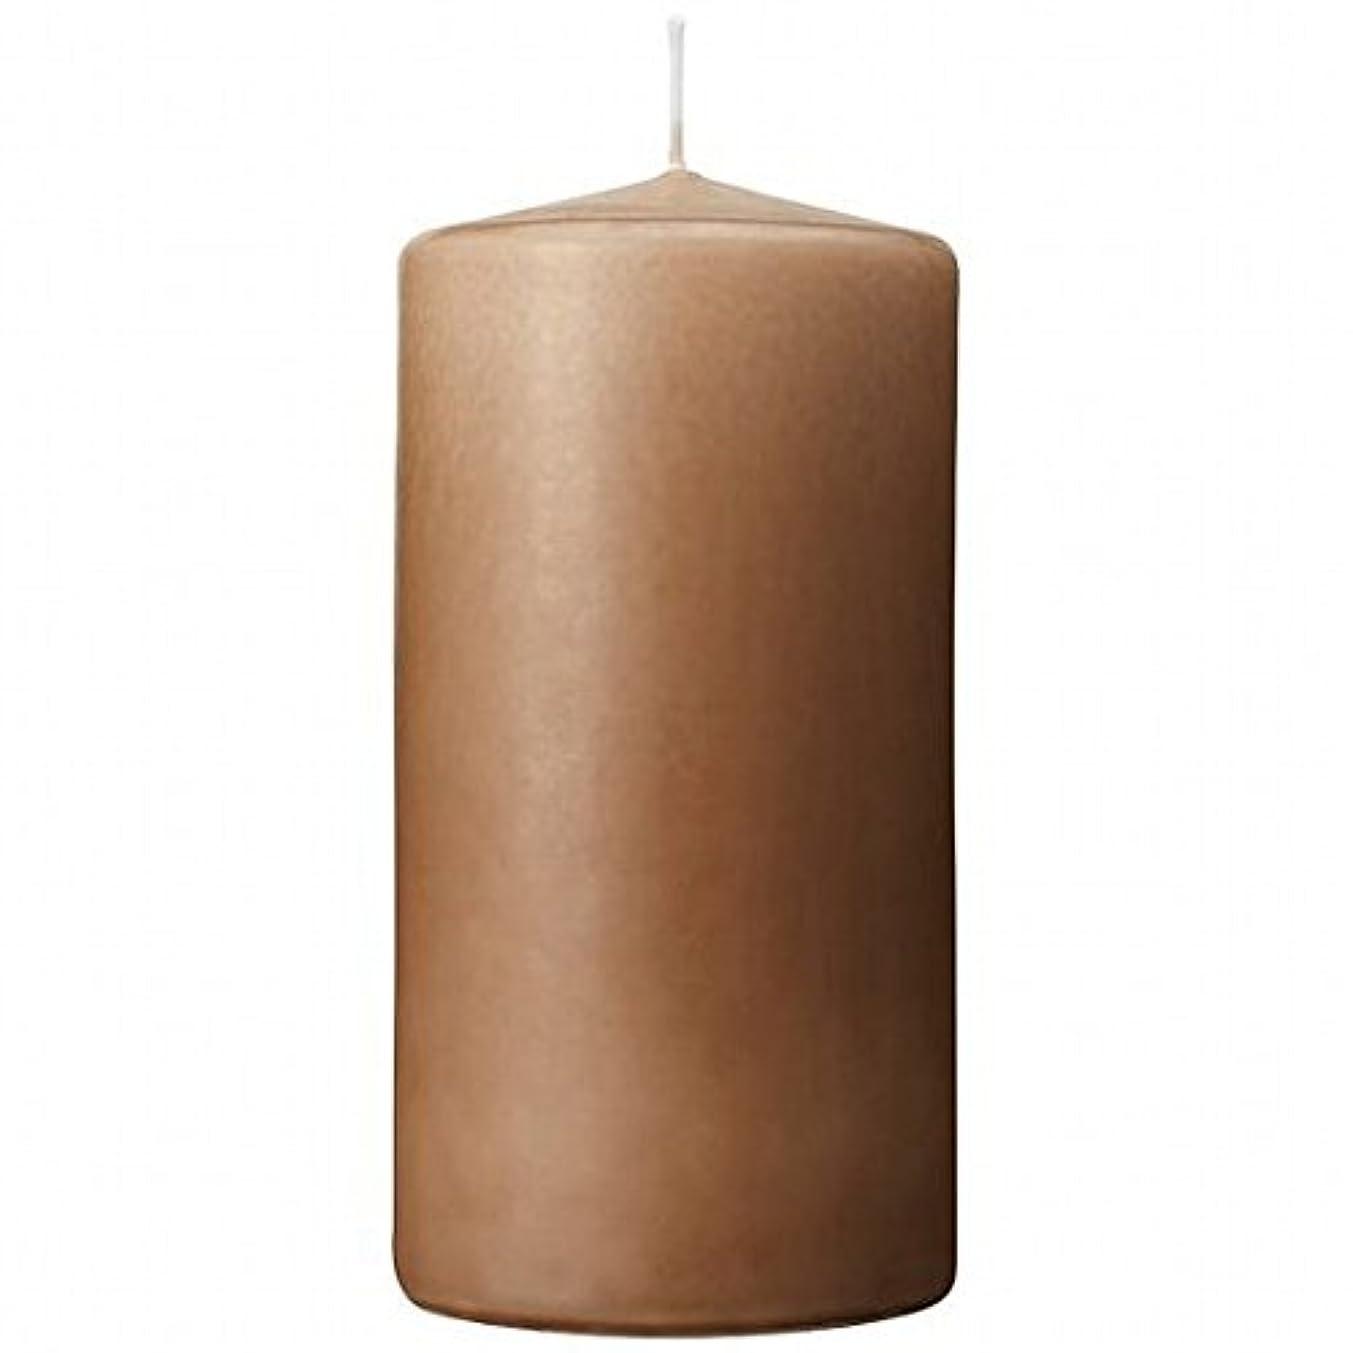 五月打撃採用kameyama candle(カメヤマキャンドル) 3×6ベルトップピラーキャンドル 「 モカ 」(A9730010MO)